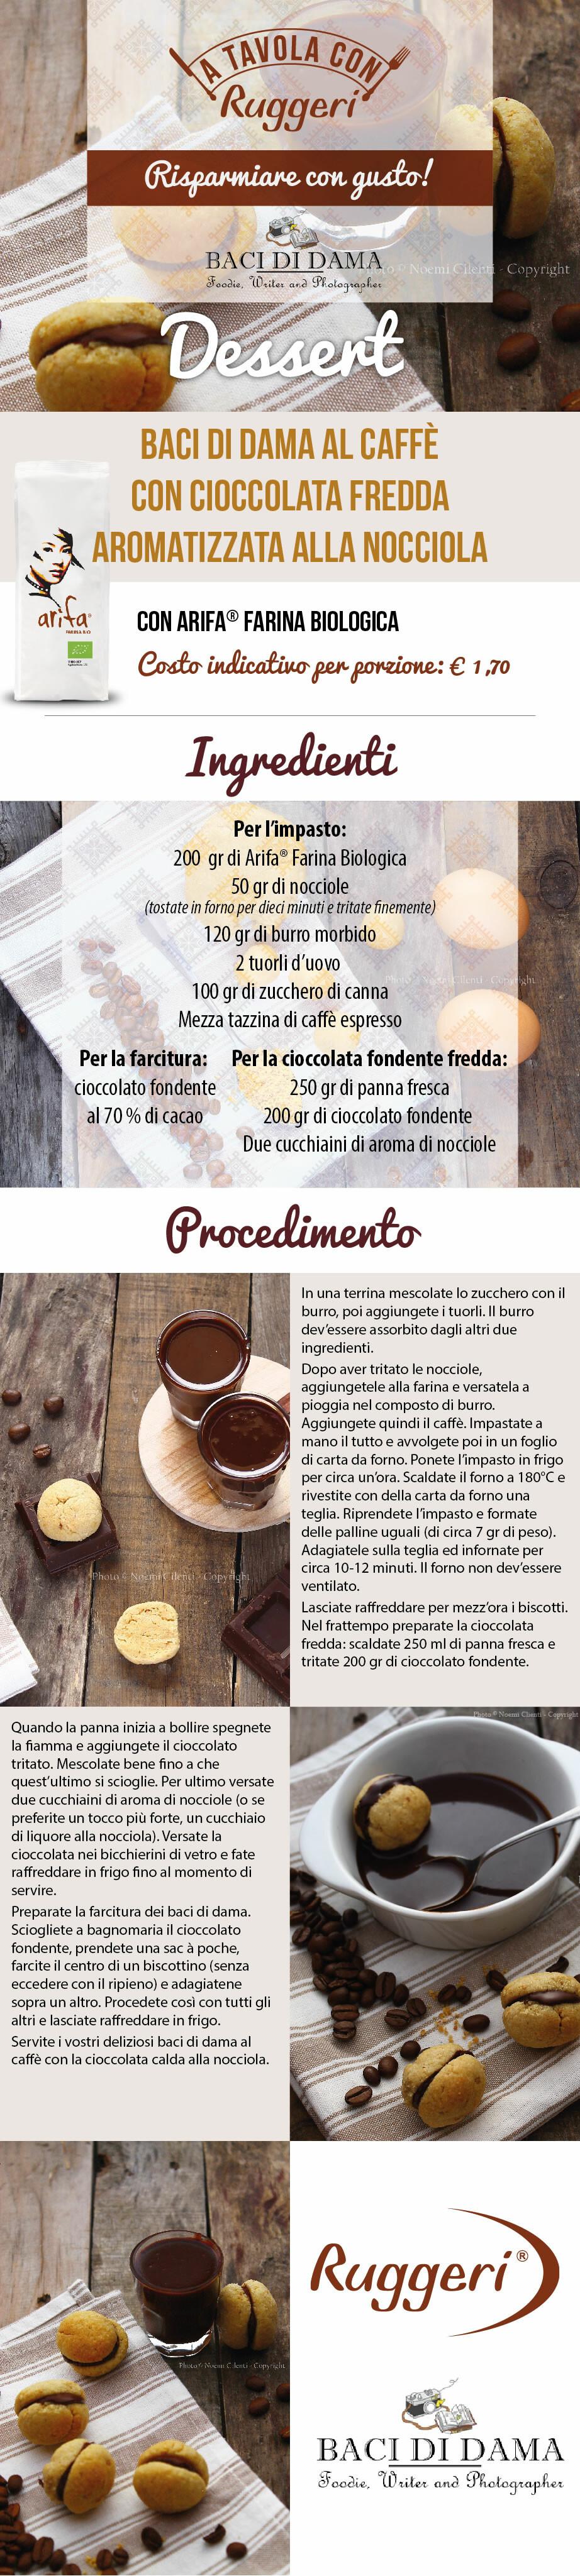 024_a_tavola_con_ruggeri_dolce